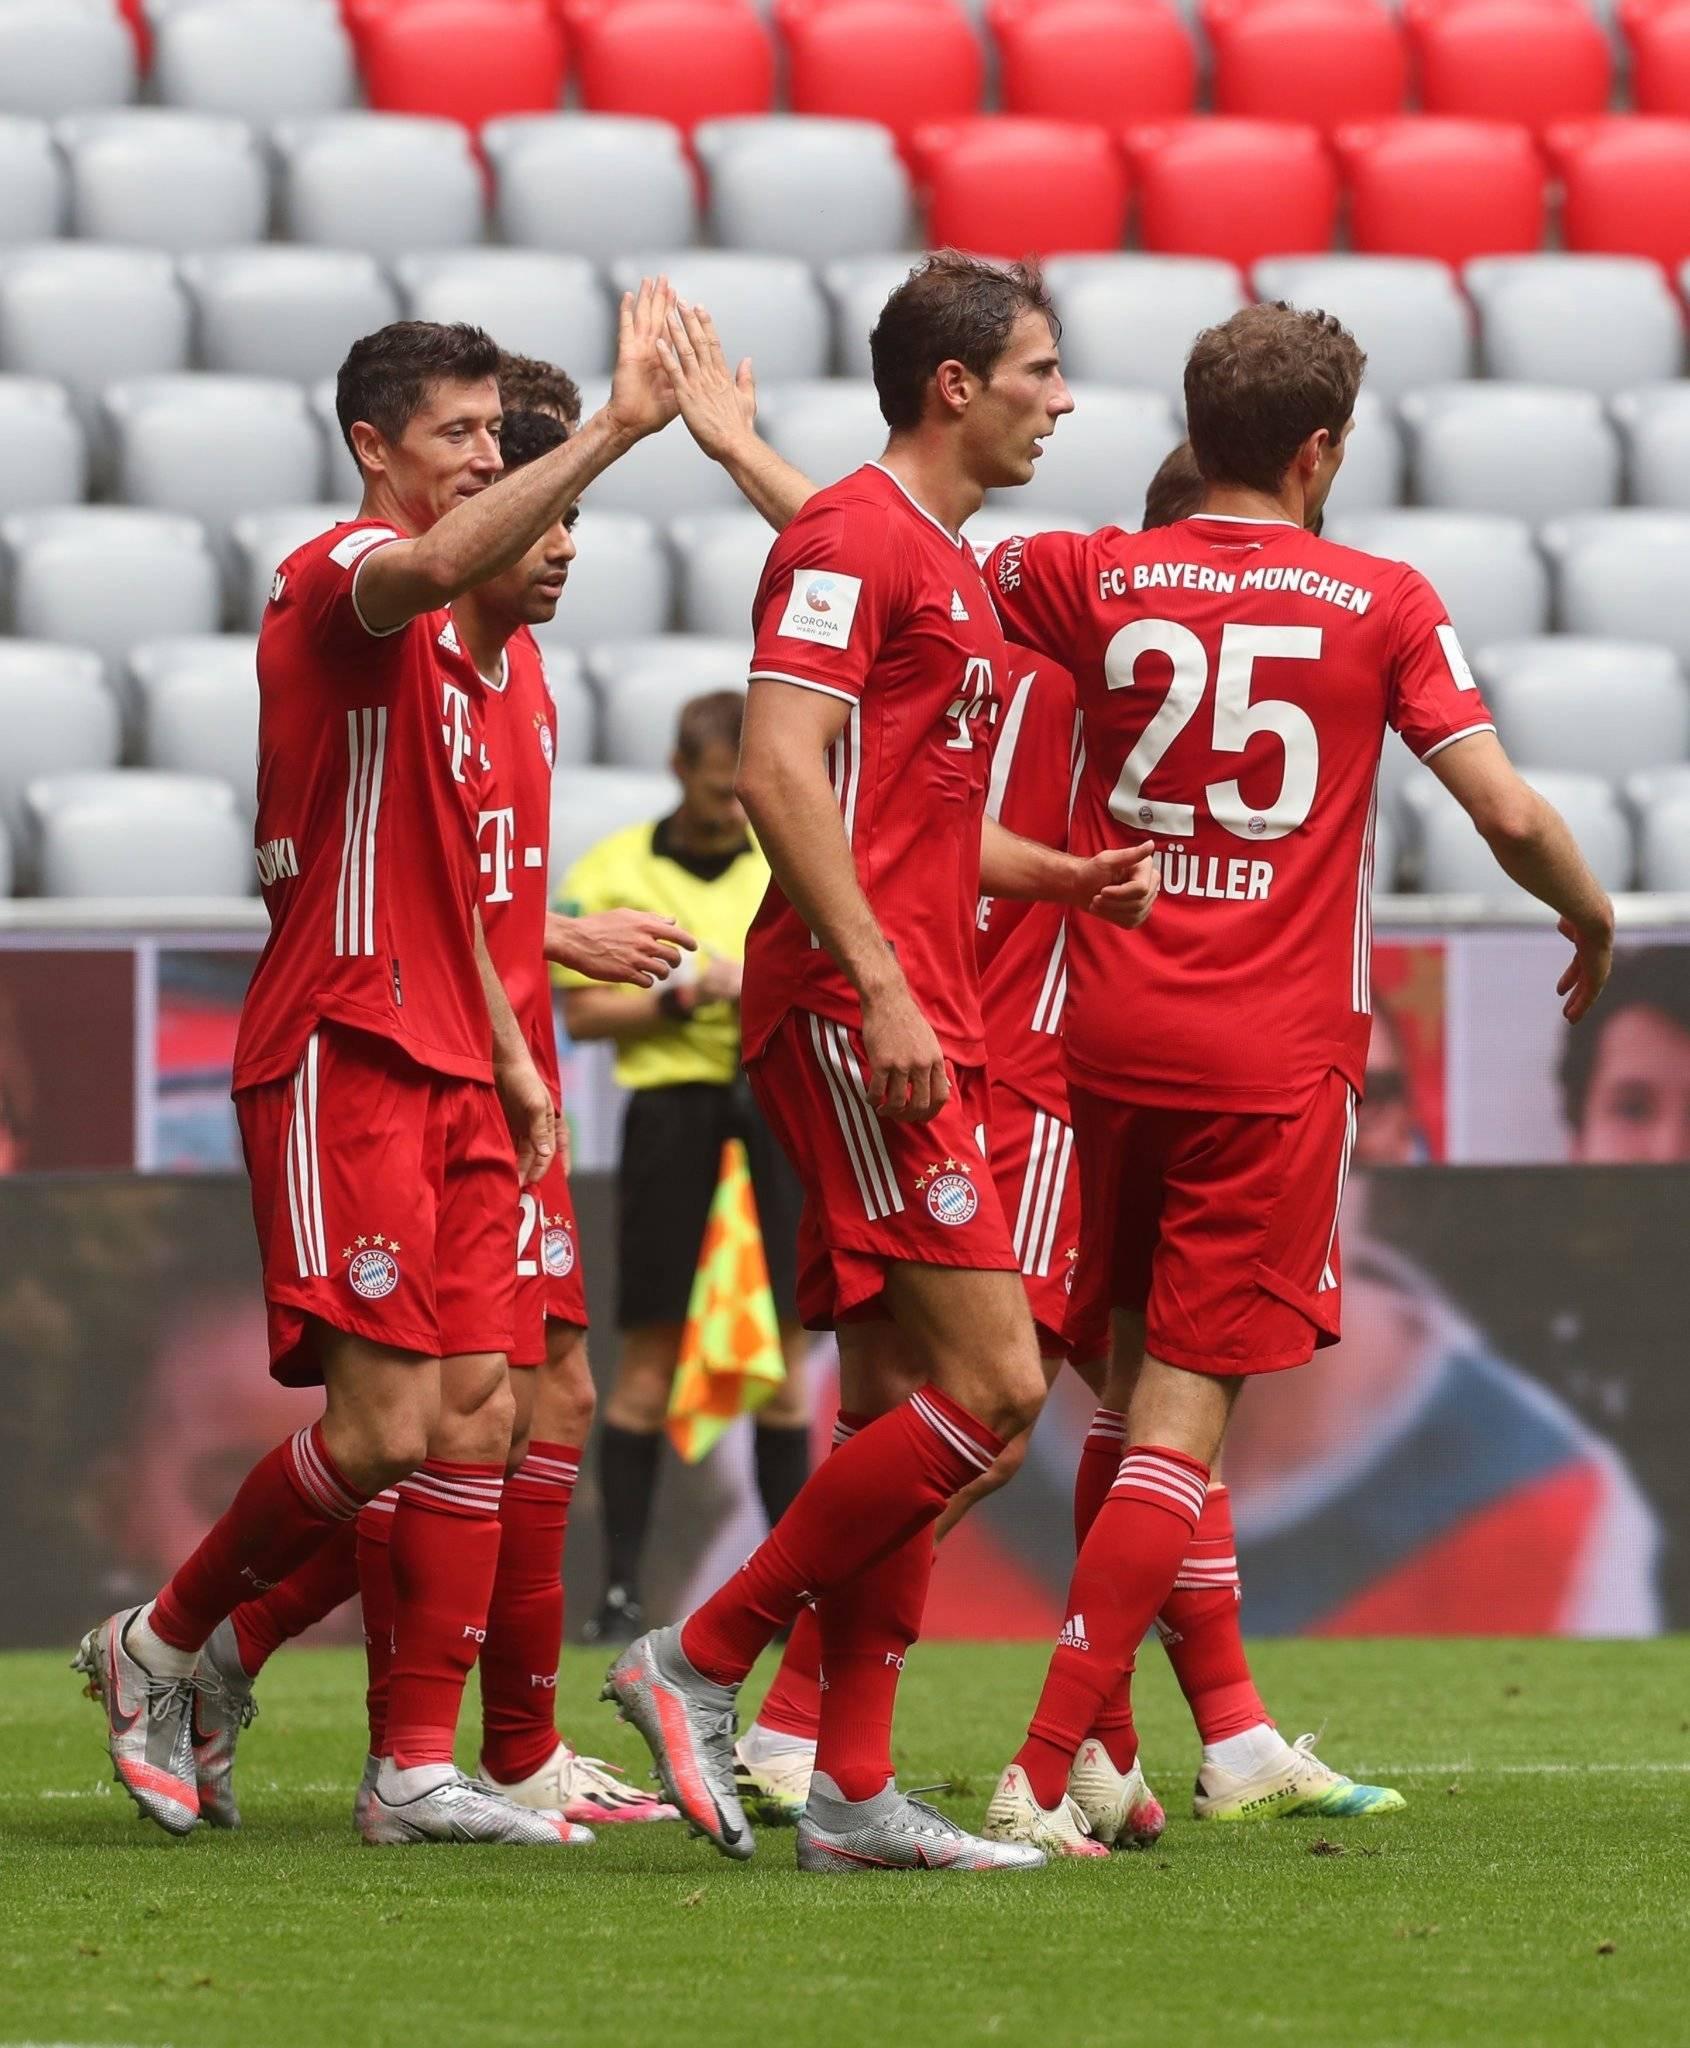 疯狂!一场3-1让欧洲最强锋霸打破历史纪录,成为金球奖最大热门